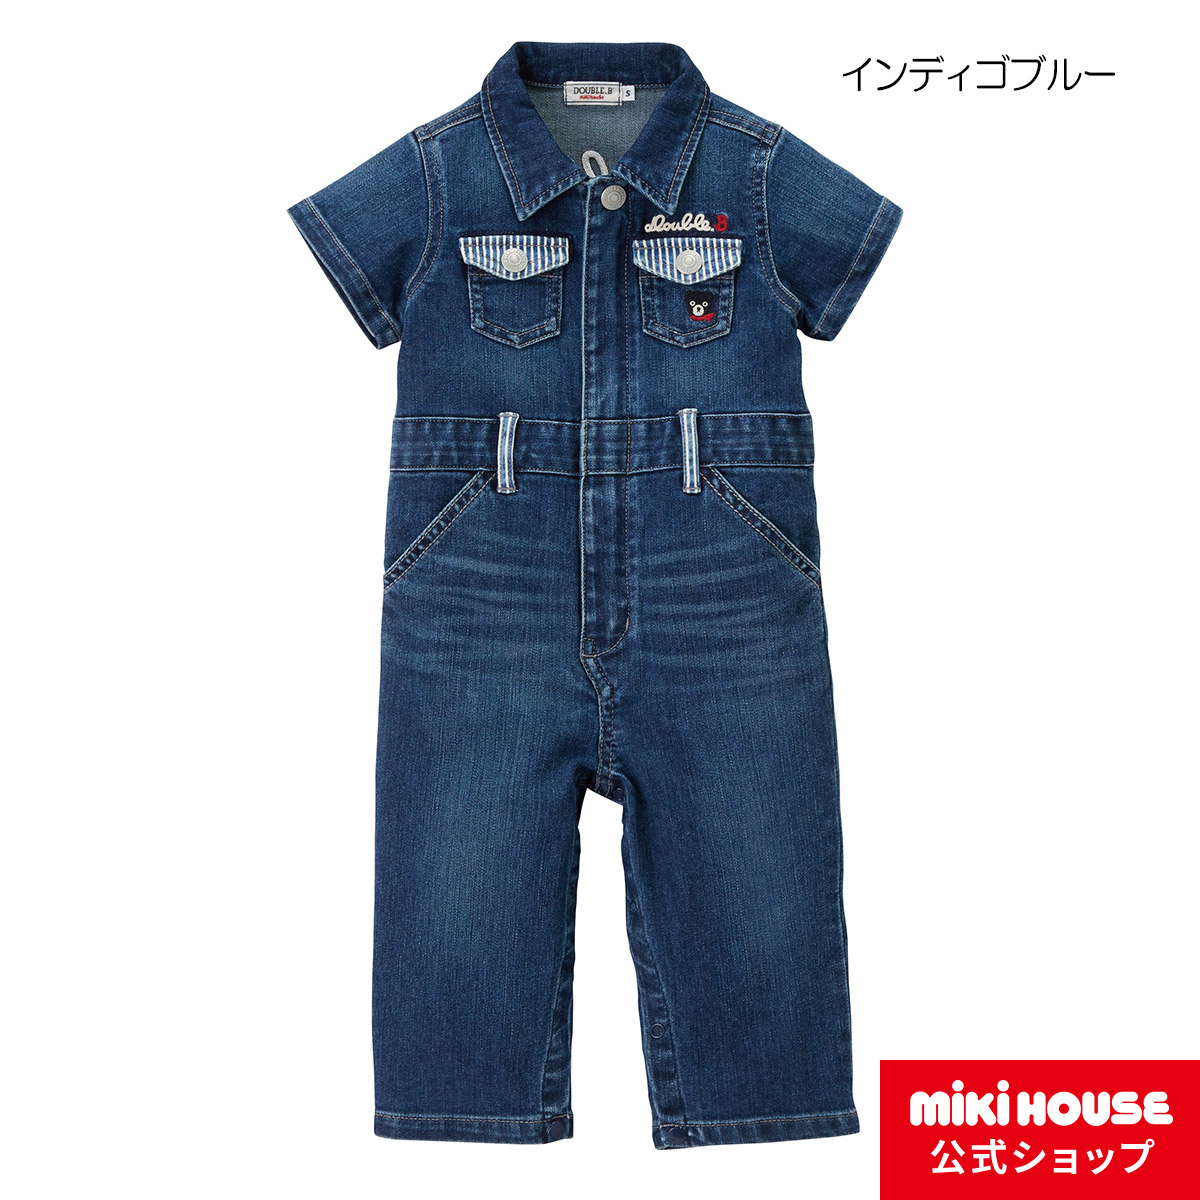 ミキハウス ダブルビー mikihouse デニムの半袖カバーオール〈S-L(70cm-100cm)〉 ベビー服 子供服 ロンパース 女の子 男の子